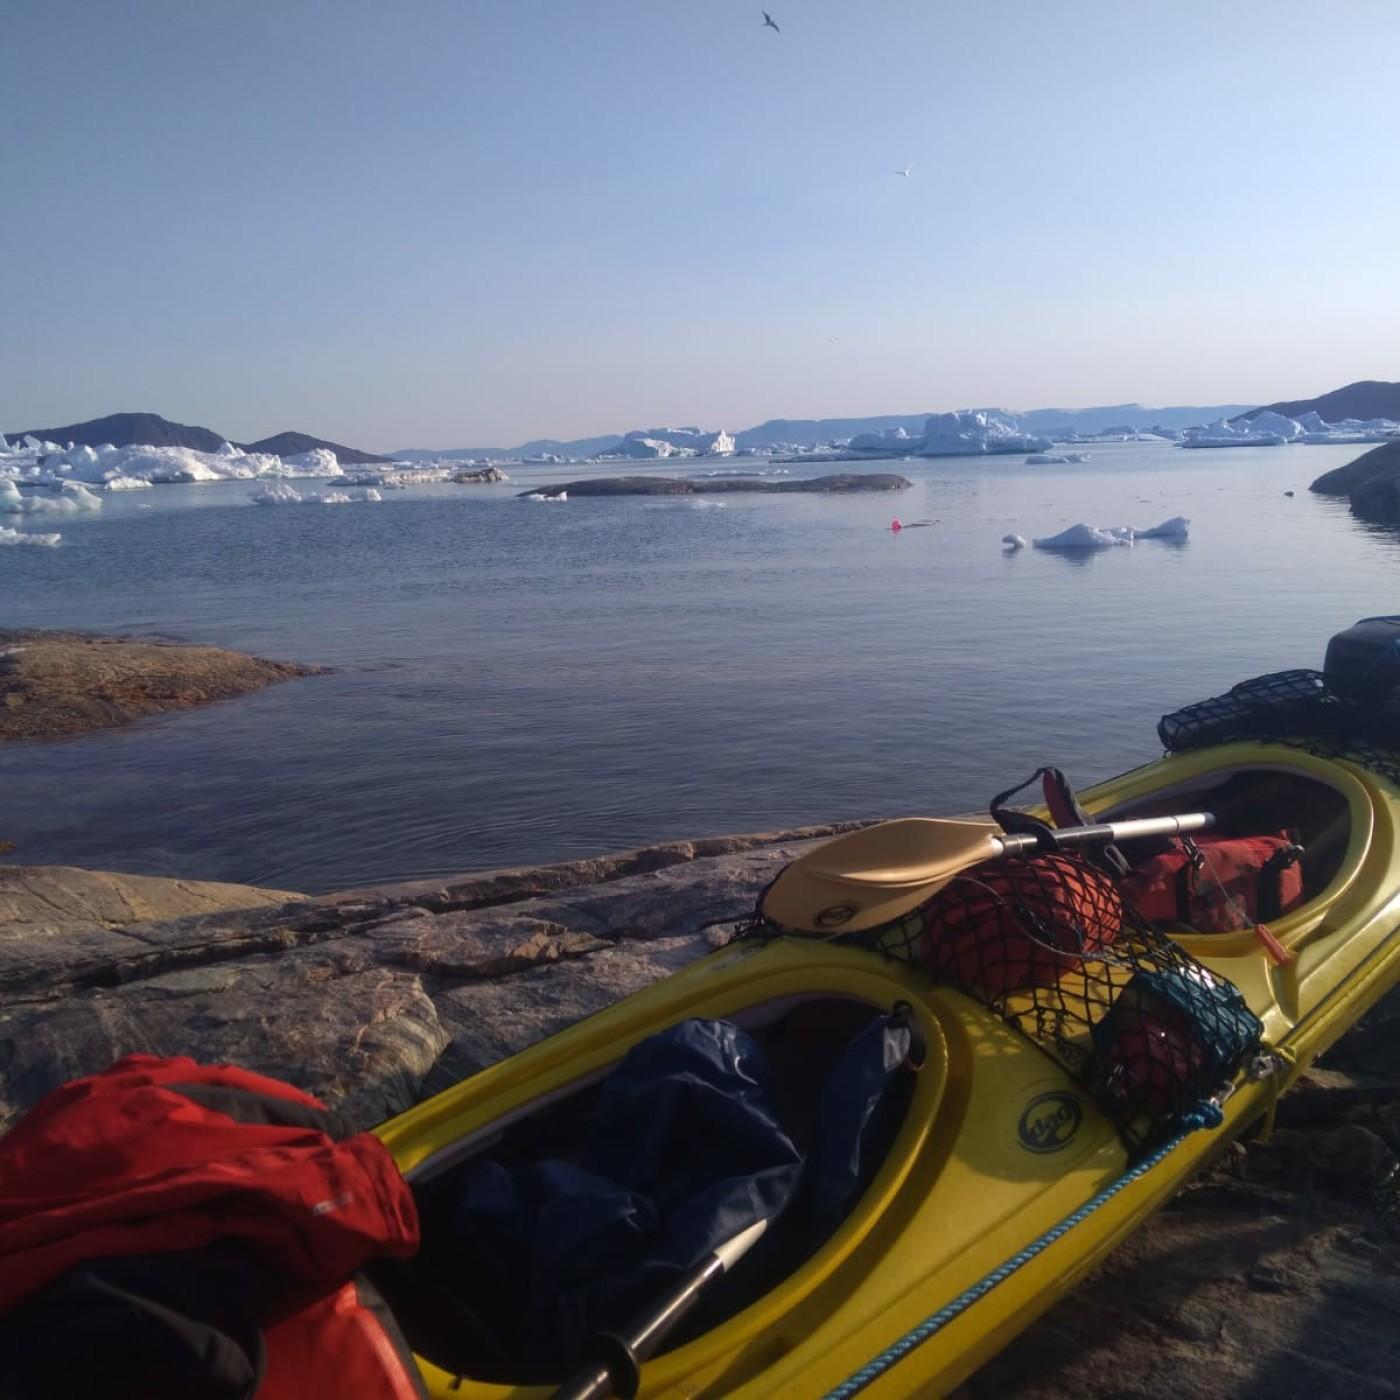 [Extrait] Marie au milieu des glaçons- Quel parcours pour ce périple en kayak ?